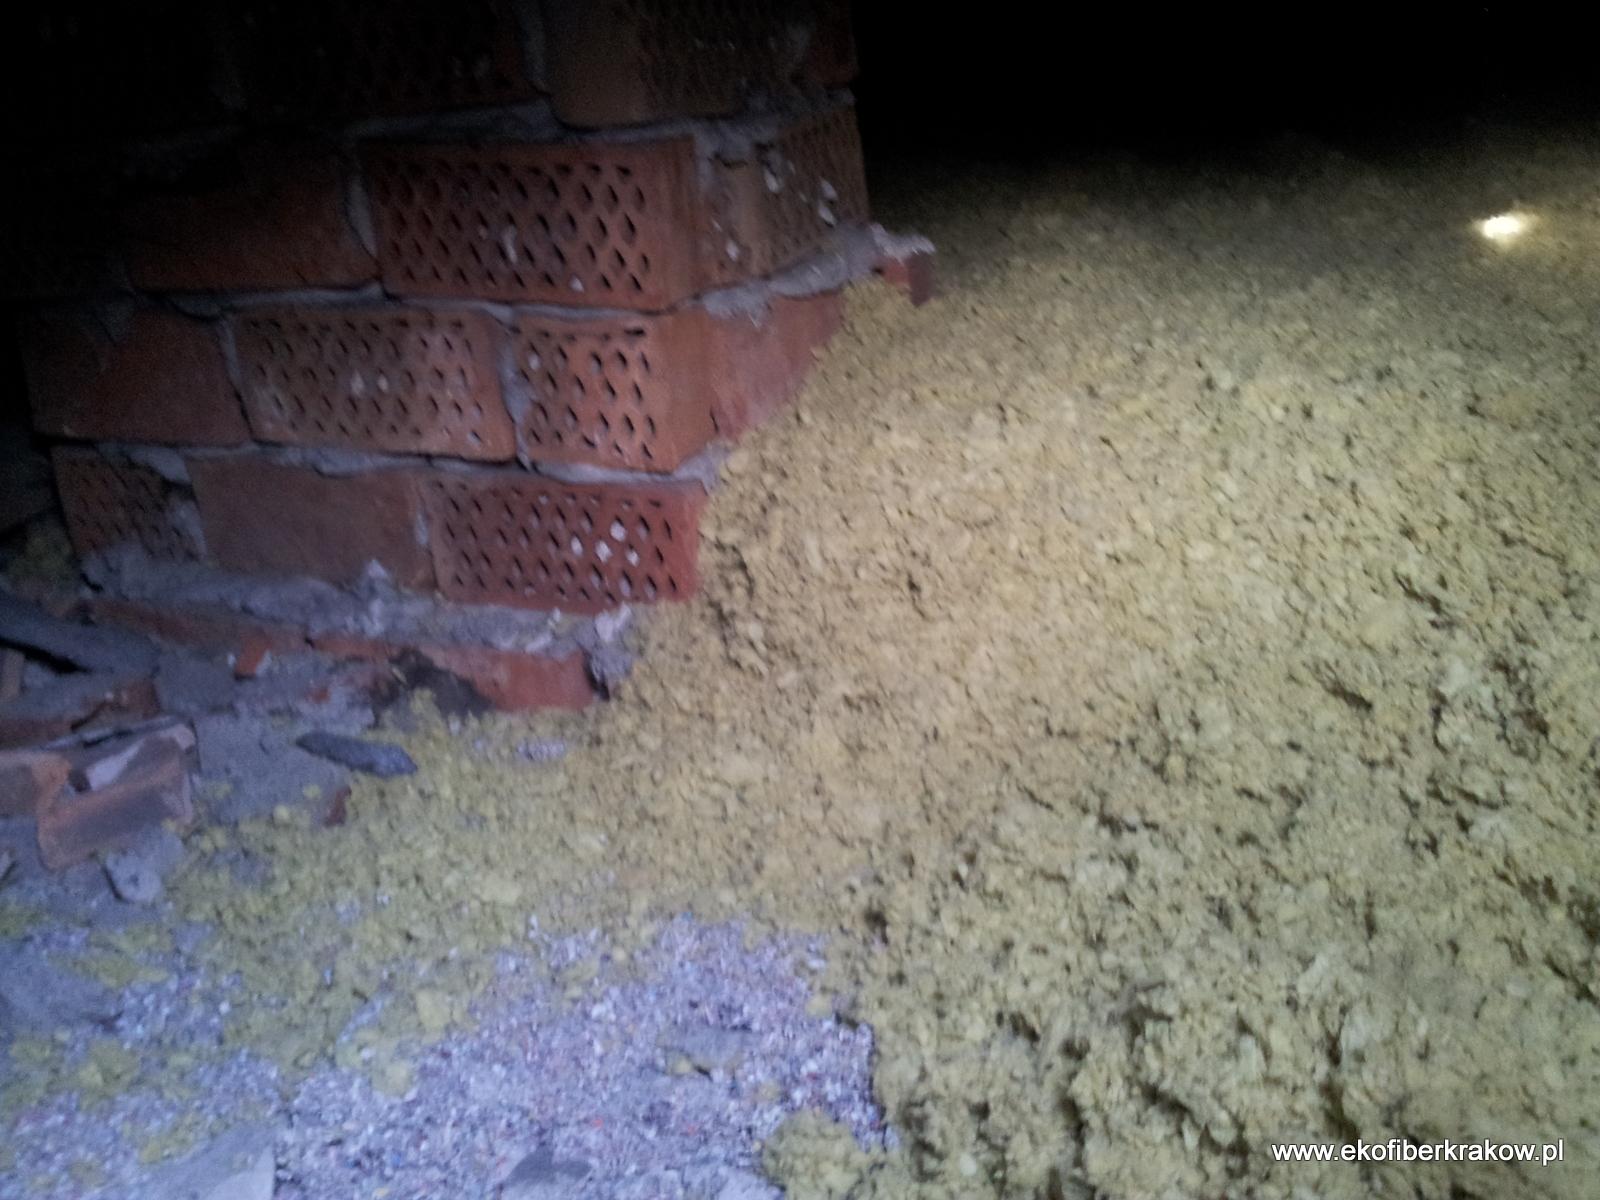 Widok na ocieplenie stropodachu granulatem z wełny mineralnej oraz miejsce jeszcze nie zaizolowane